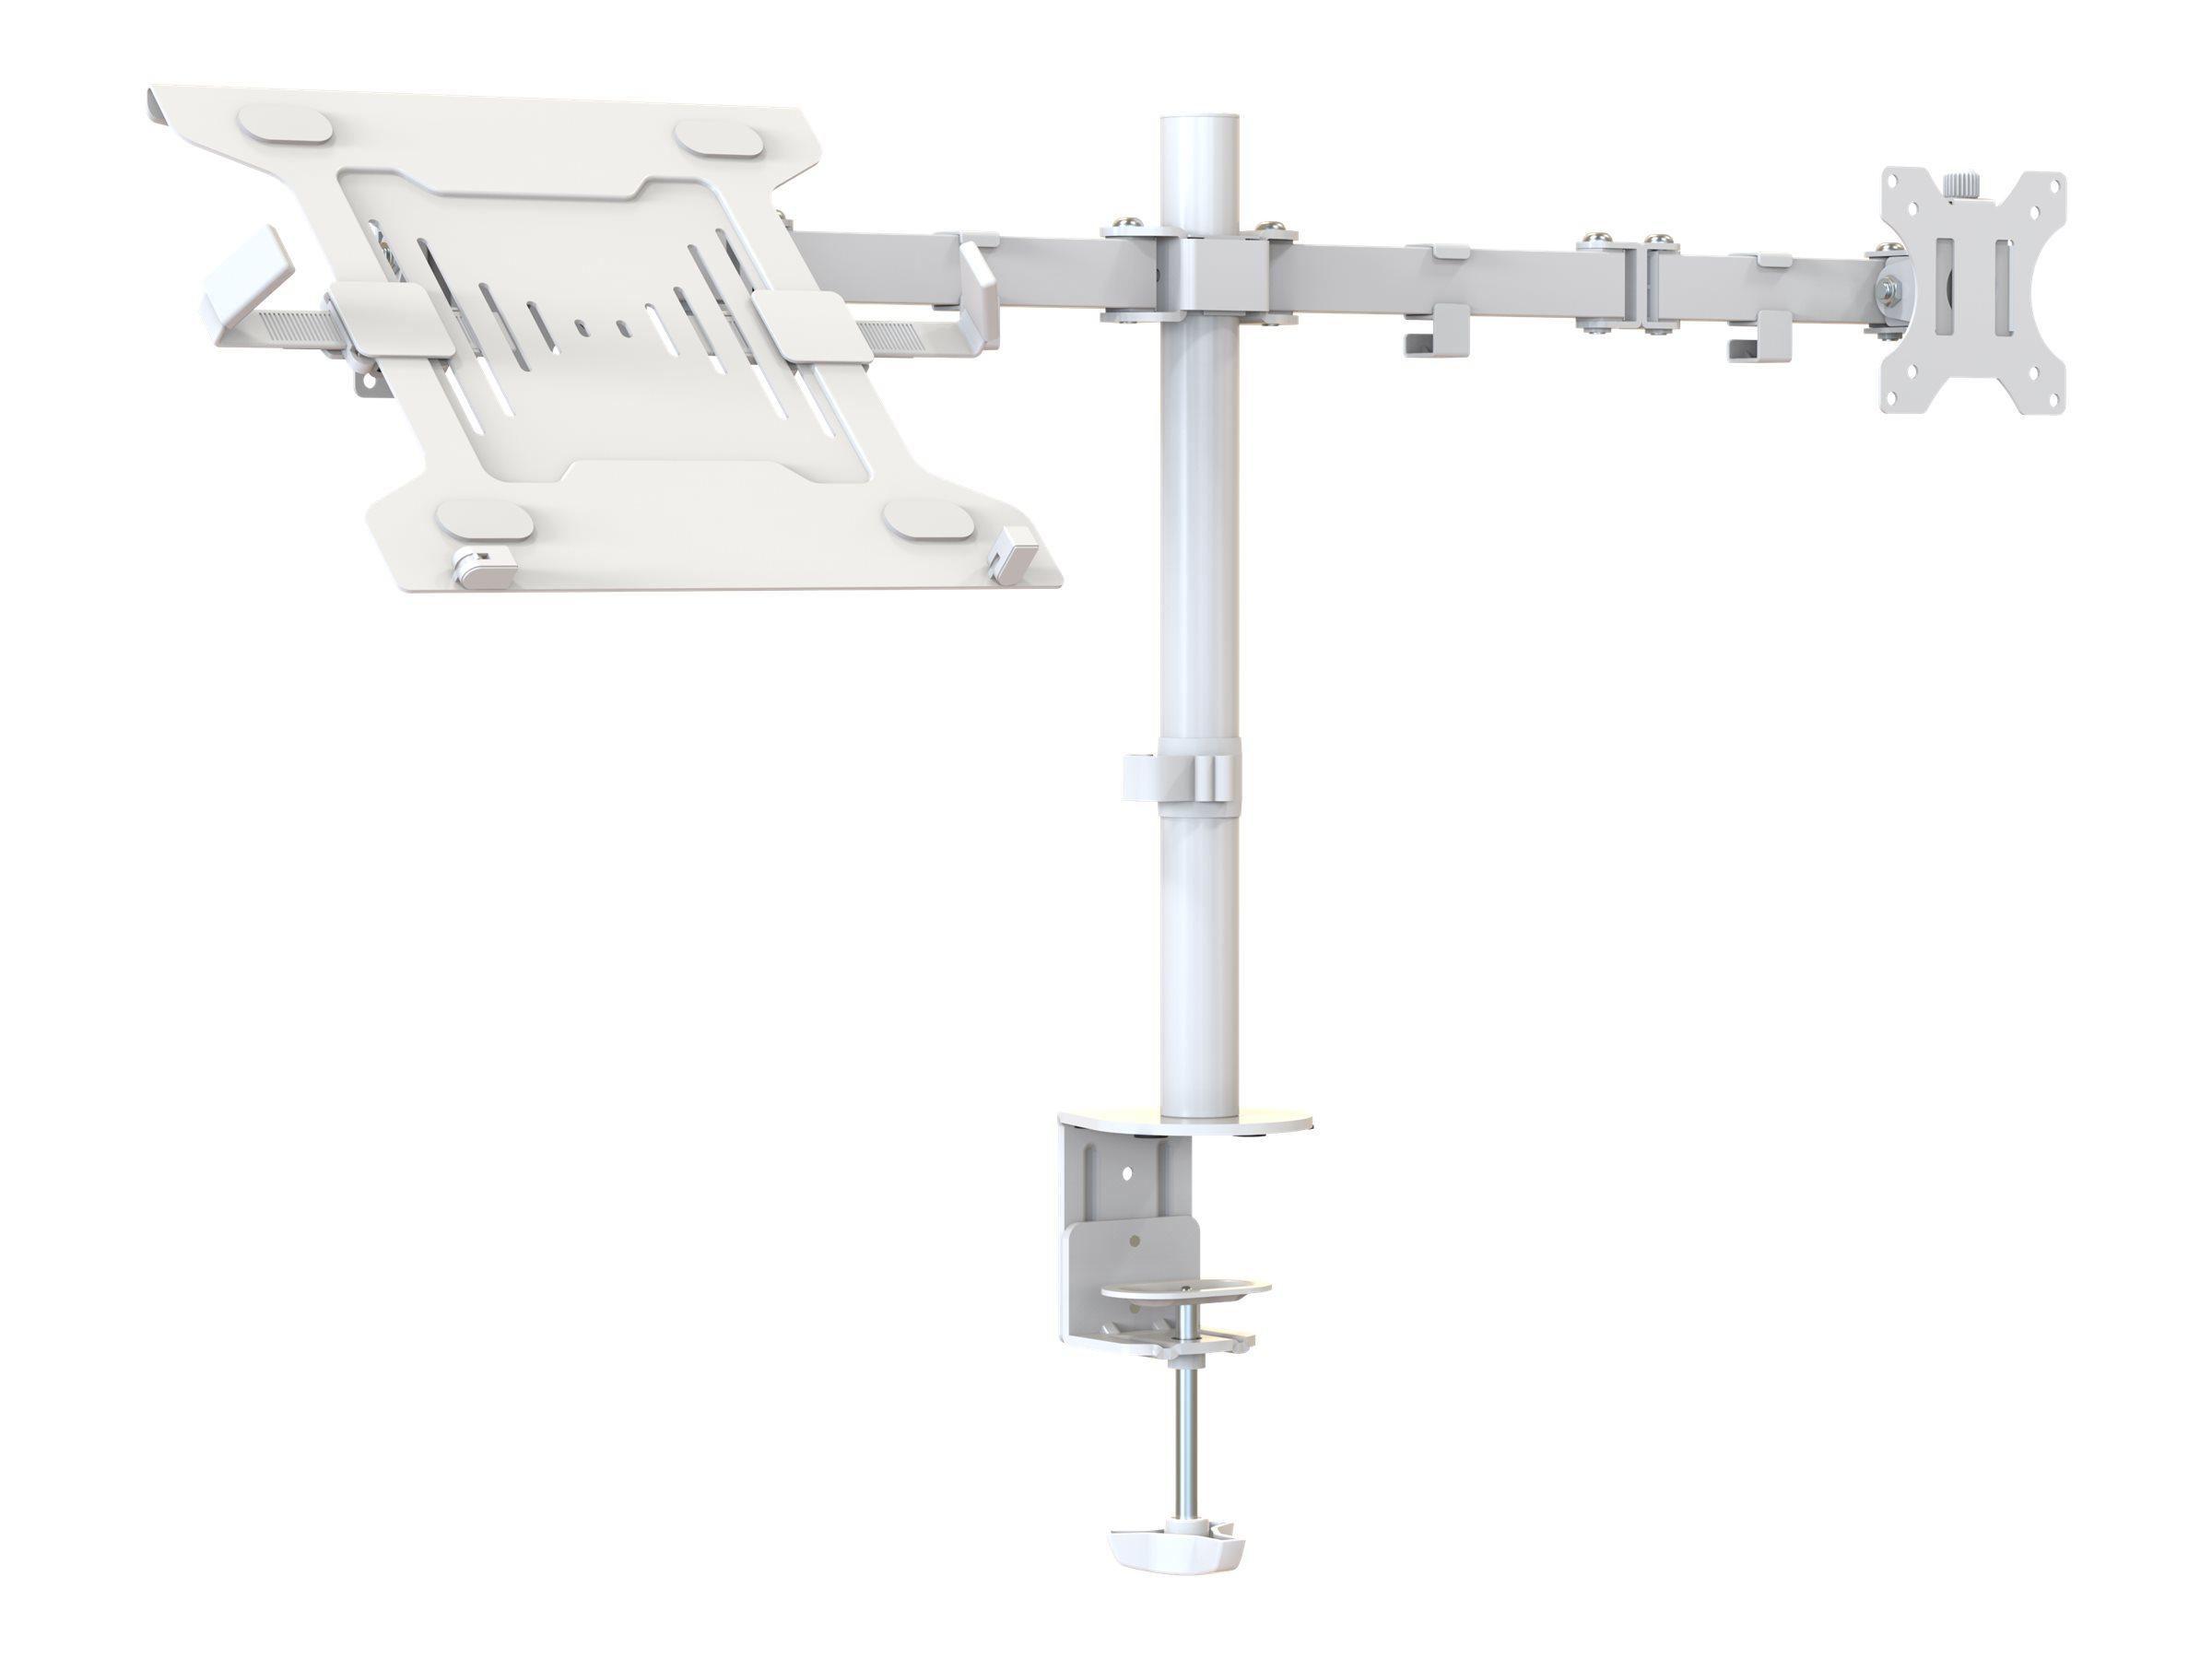 Vision VFM-DPD2W+S - Befestigungskit (Tischplattenbohrung, Doppelgelenkarm, 2 VESA-Adapter, Notebook-Ablage, 17,4